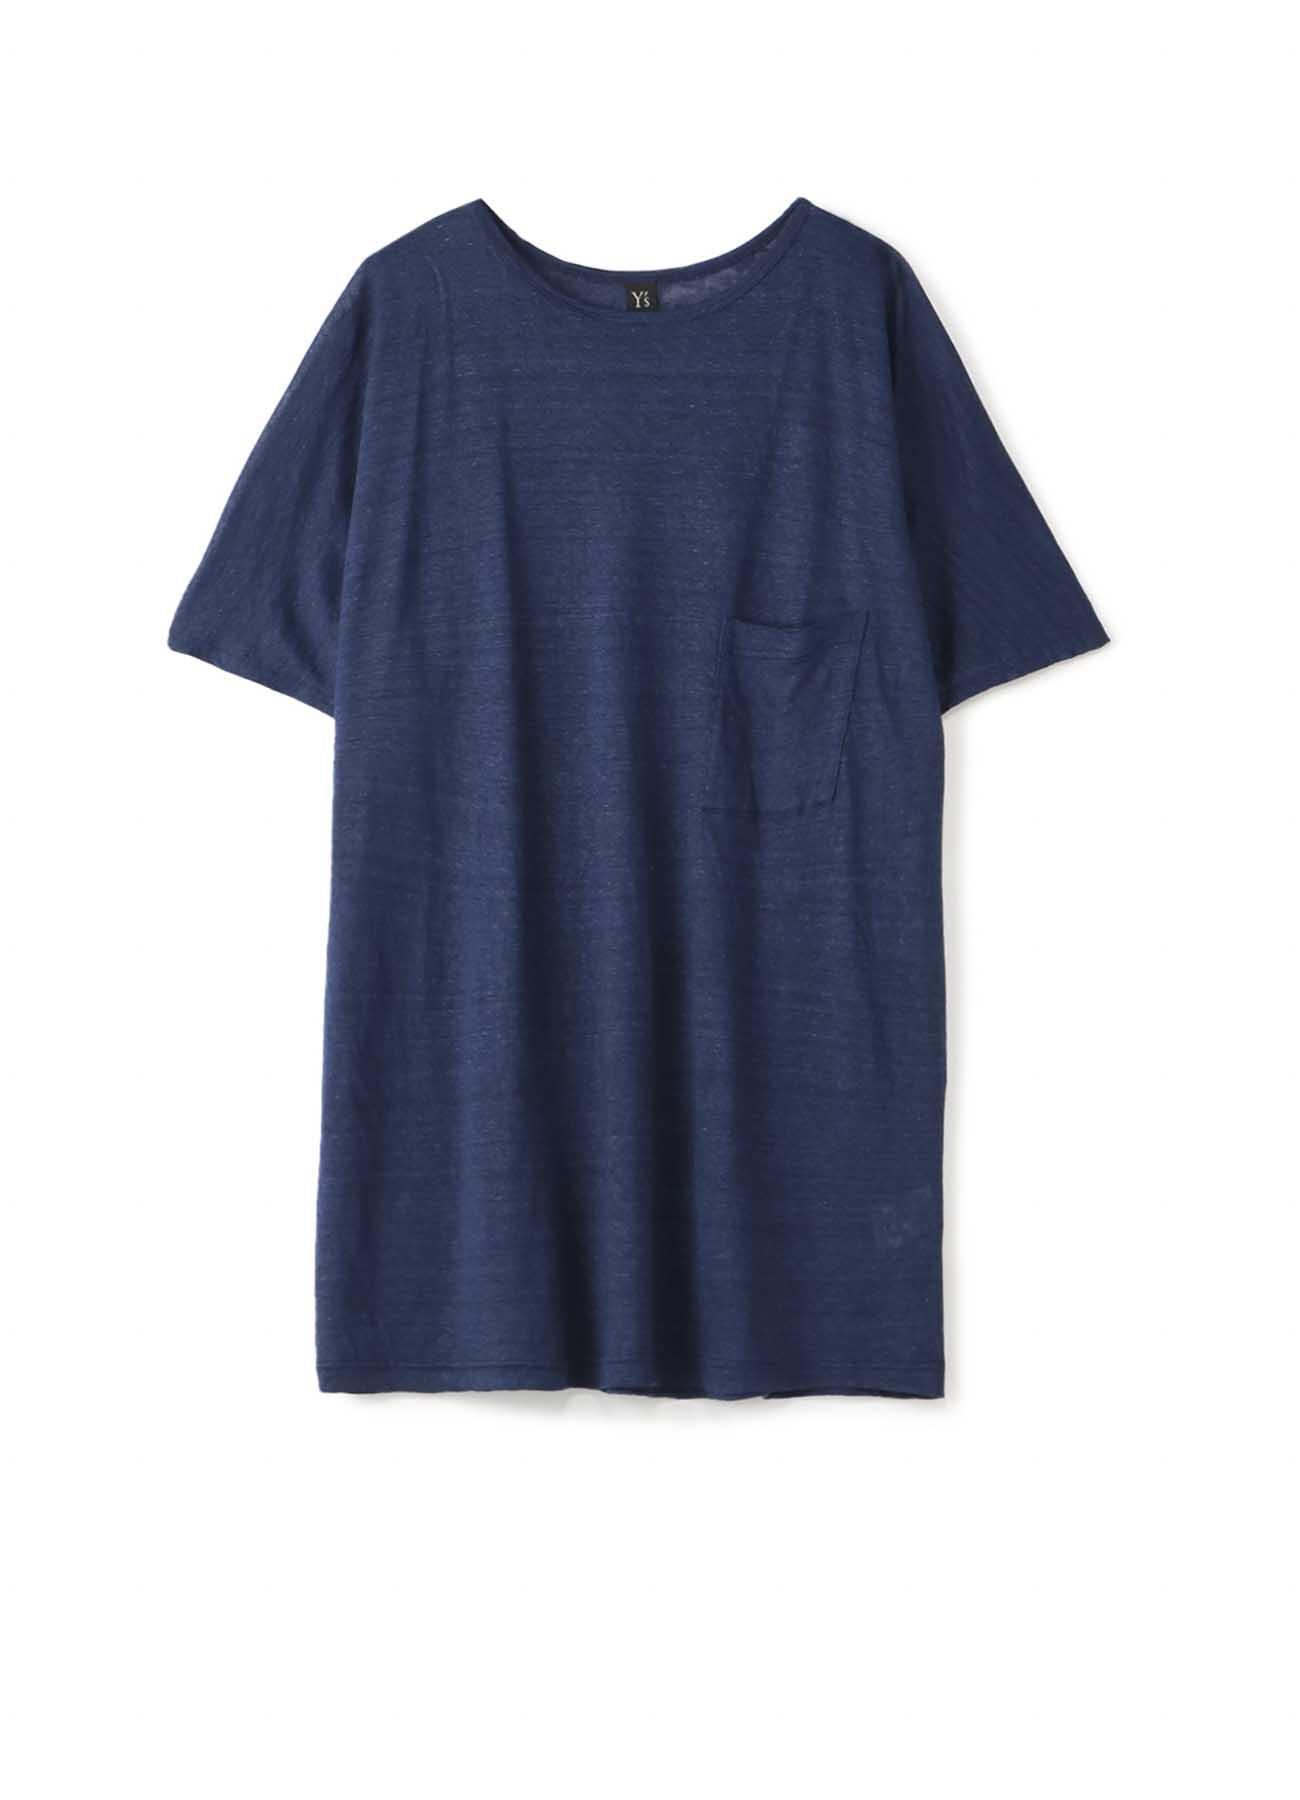 靛蓝色亚麻布法式肩大T恤